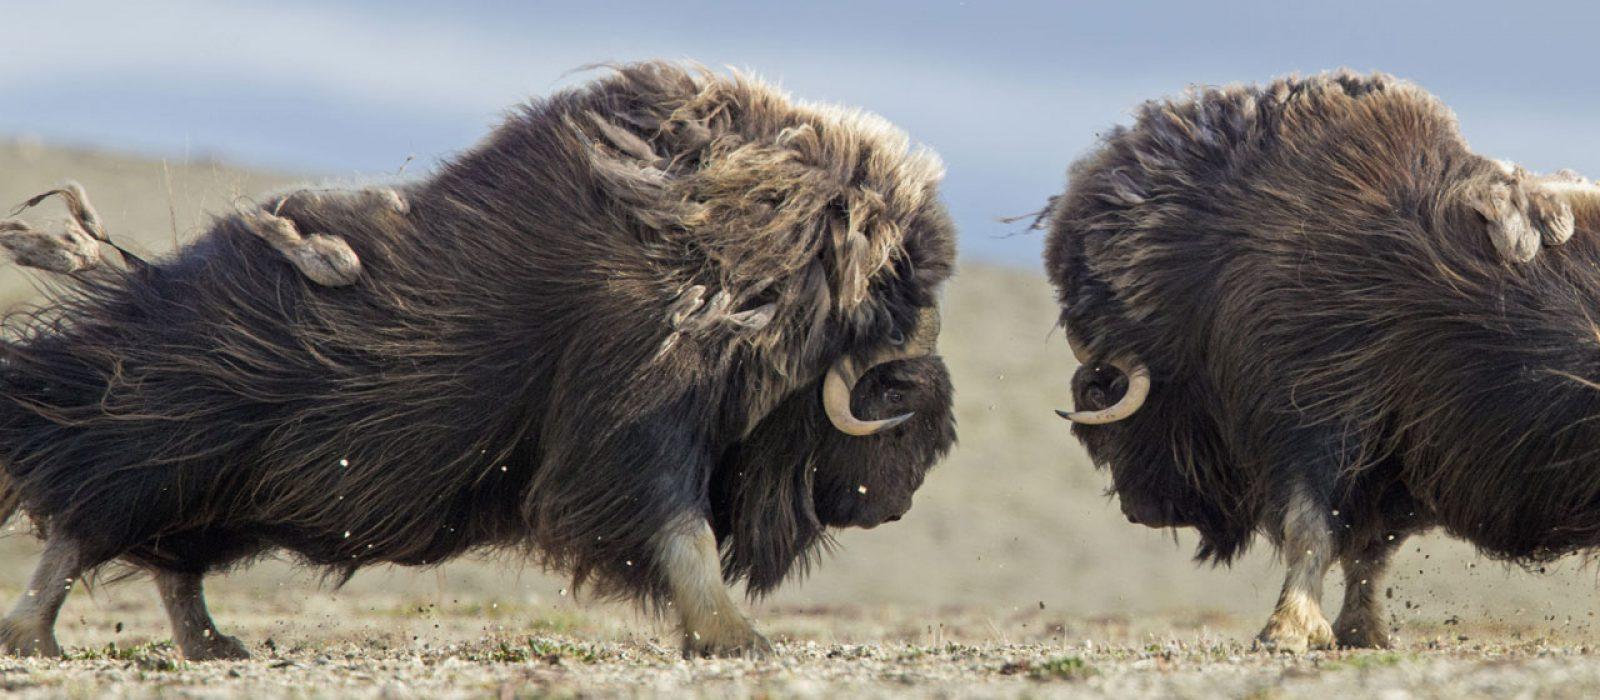 Muskoxen rutting in Nunavut in Canada's Arctic